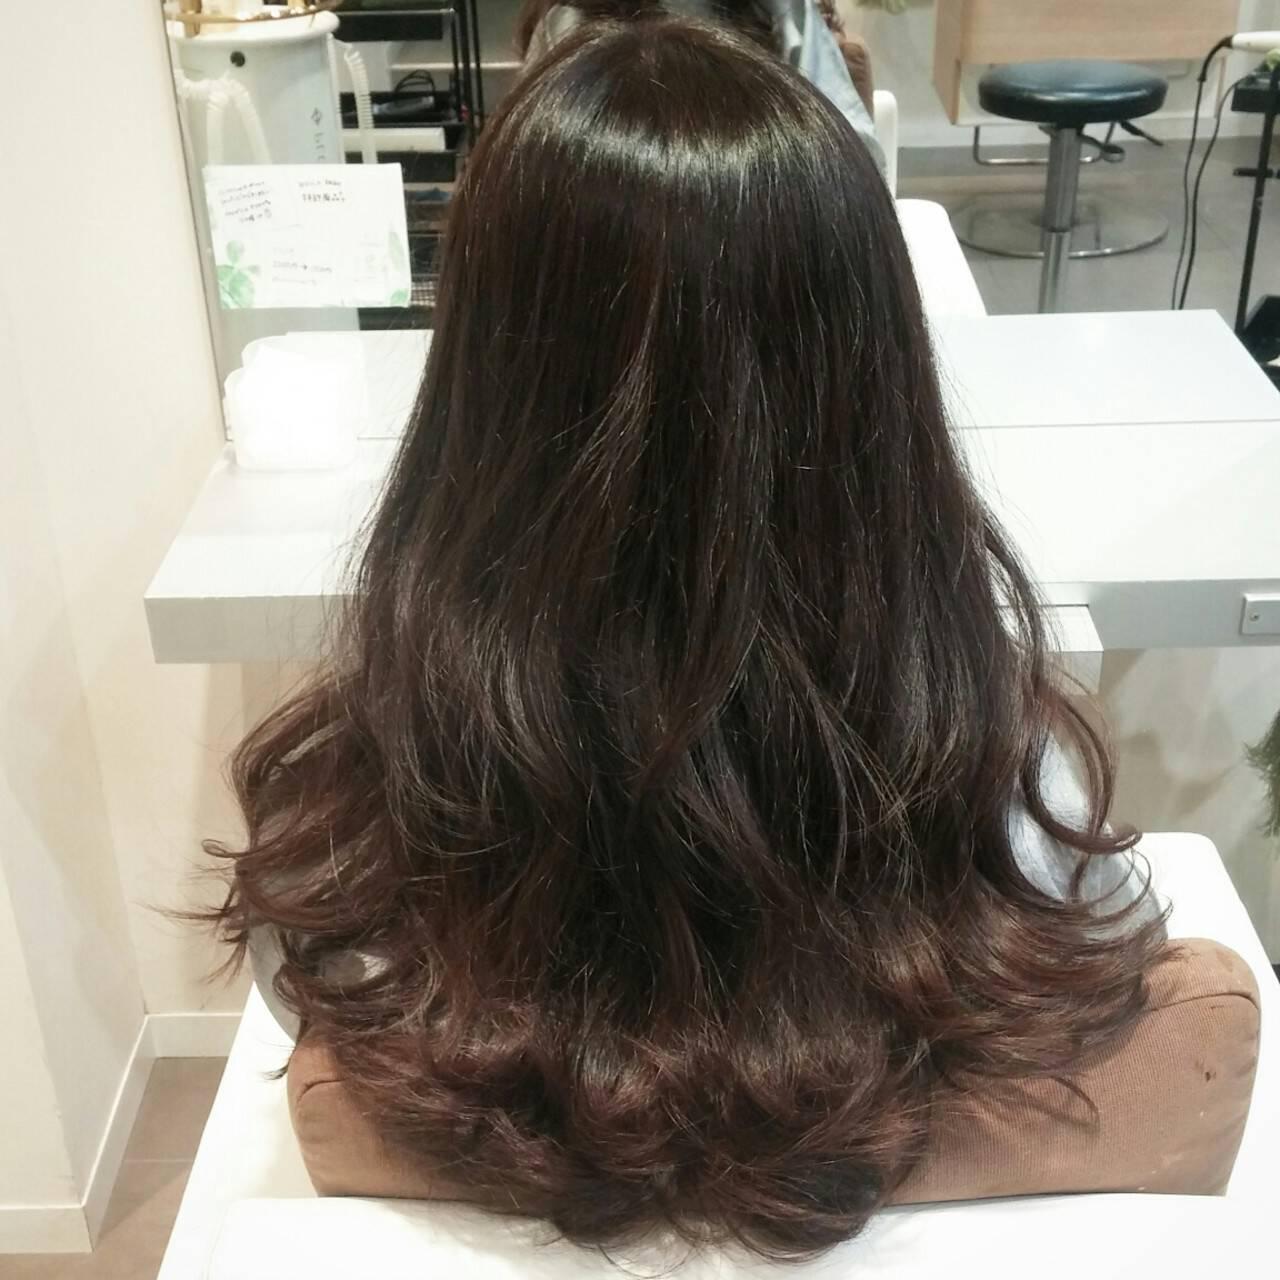 波ウェーブ ハイライト 暗髪 ロングヘアスタイルや髪型の写真・画像